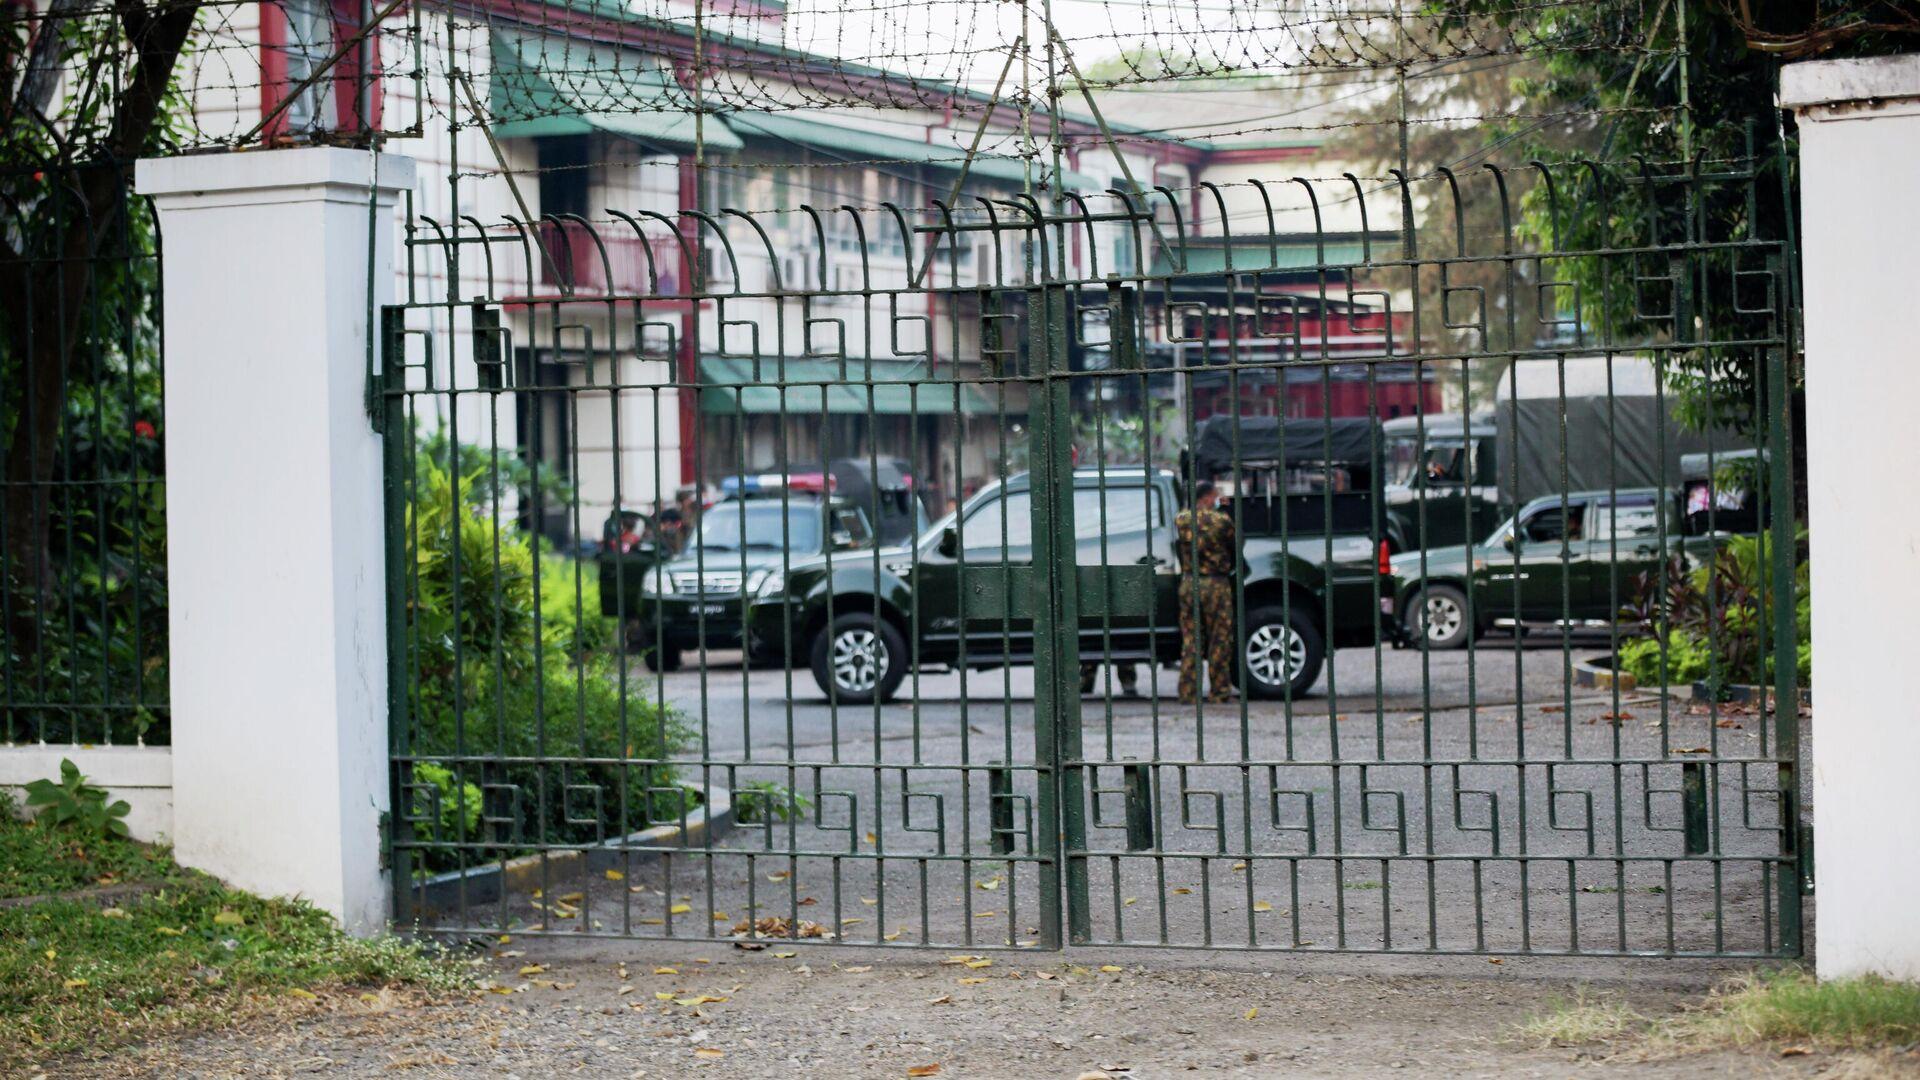 Автомобили военных возле офиса национального телевидения Мьянмы в Янгоне - РИА Новости, 1920, 01.02.2021